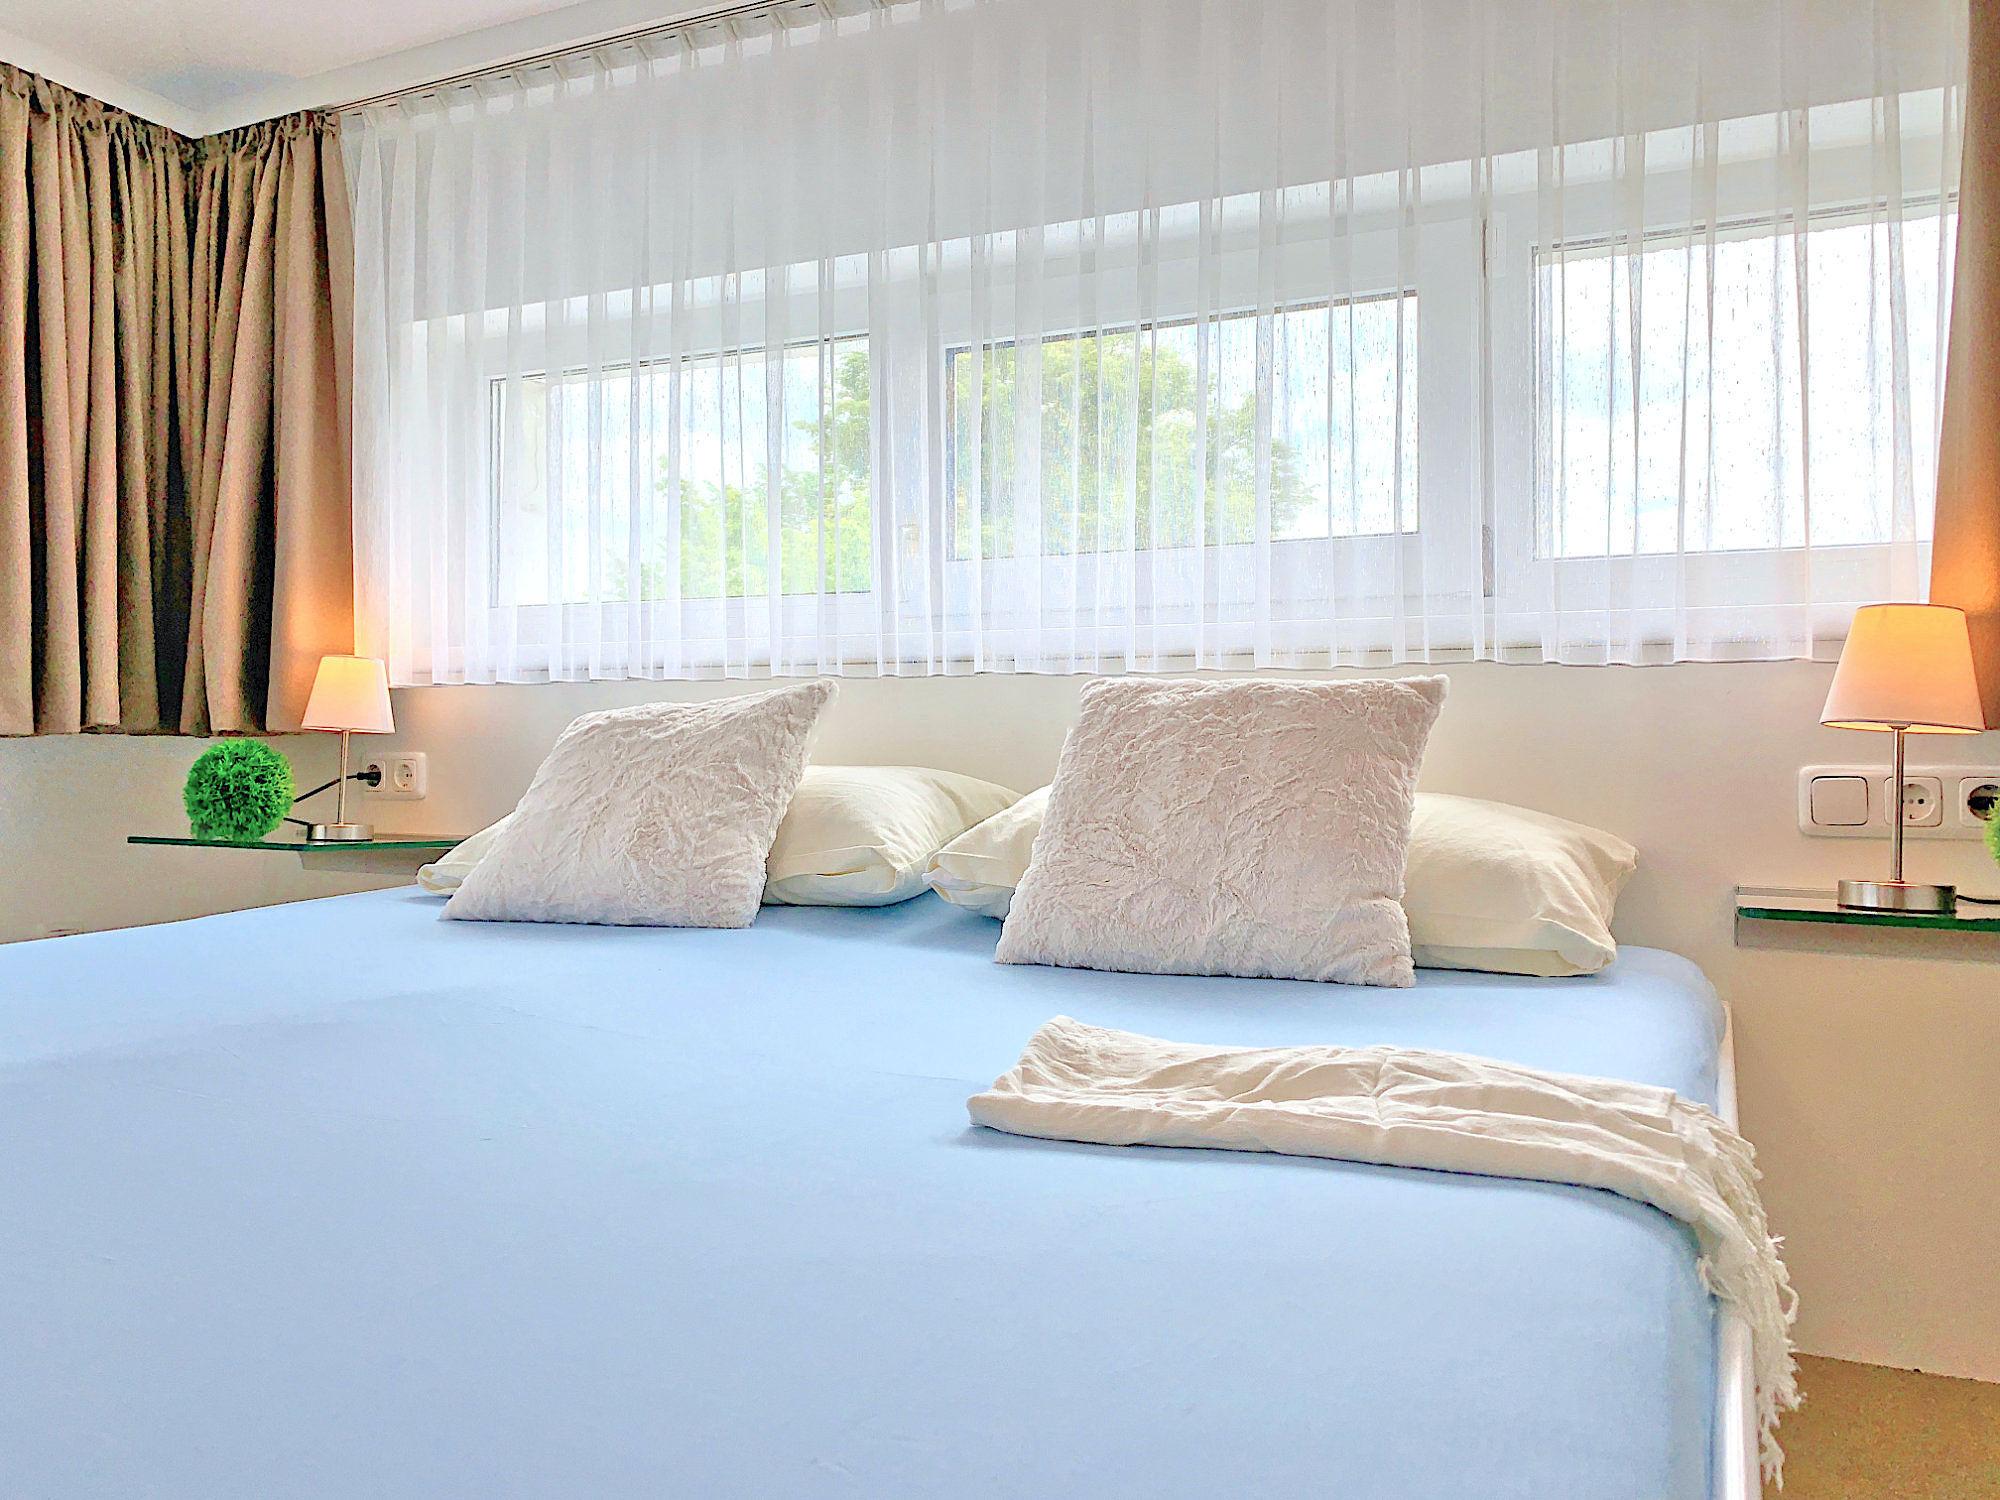 Zweites Schlafzimmer mit Doppelbett, Kopfteil mit Kopfkissen, dahinter eine breite Fensterfront